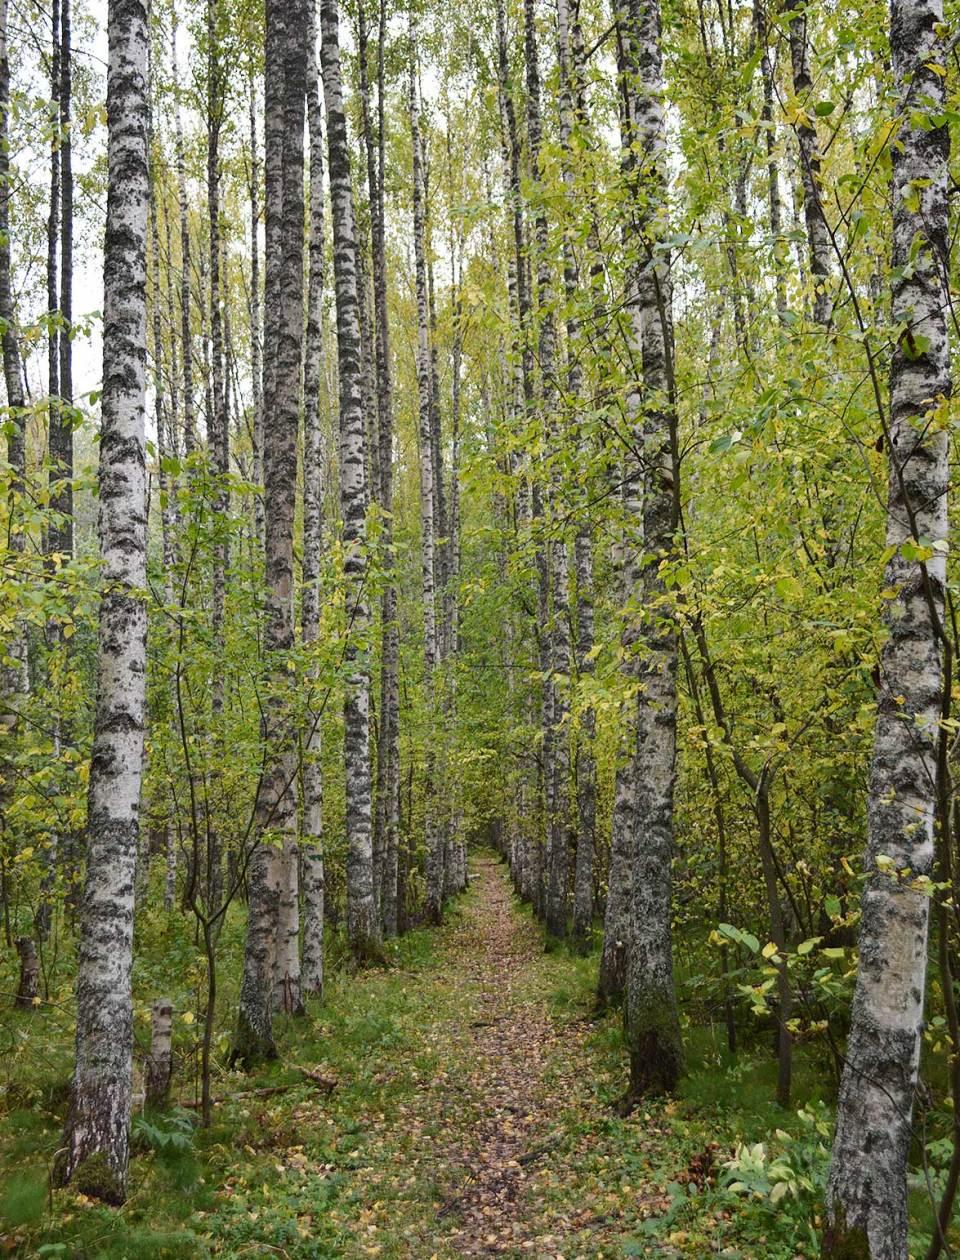 Kuopion luontopolut tarjoavat näinkin upeita maisemia. Koivukuja Salmenjoen luontopolulla.